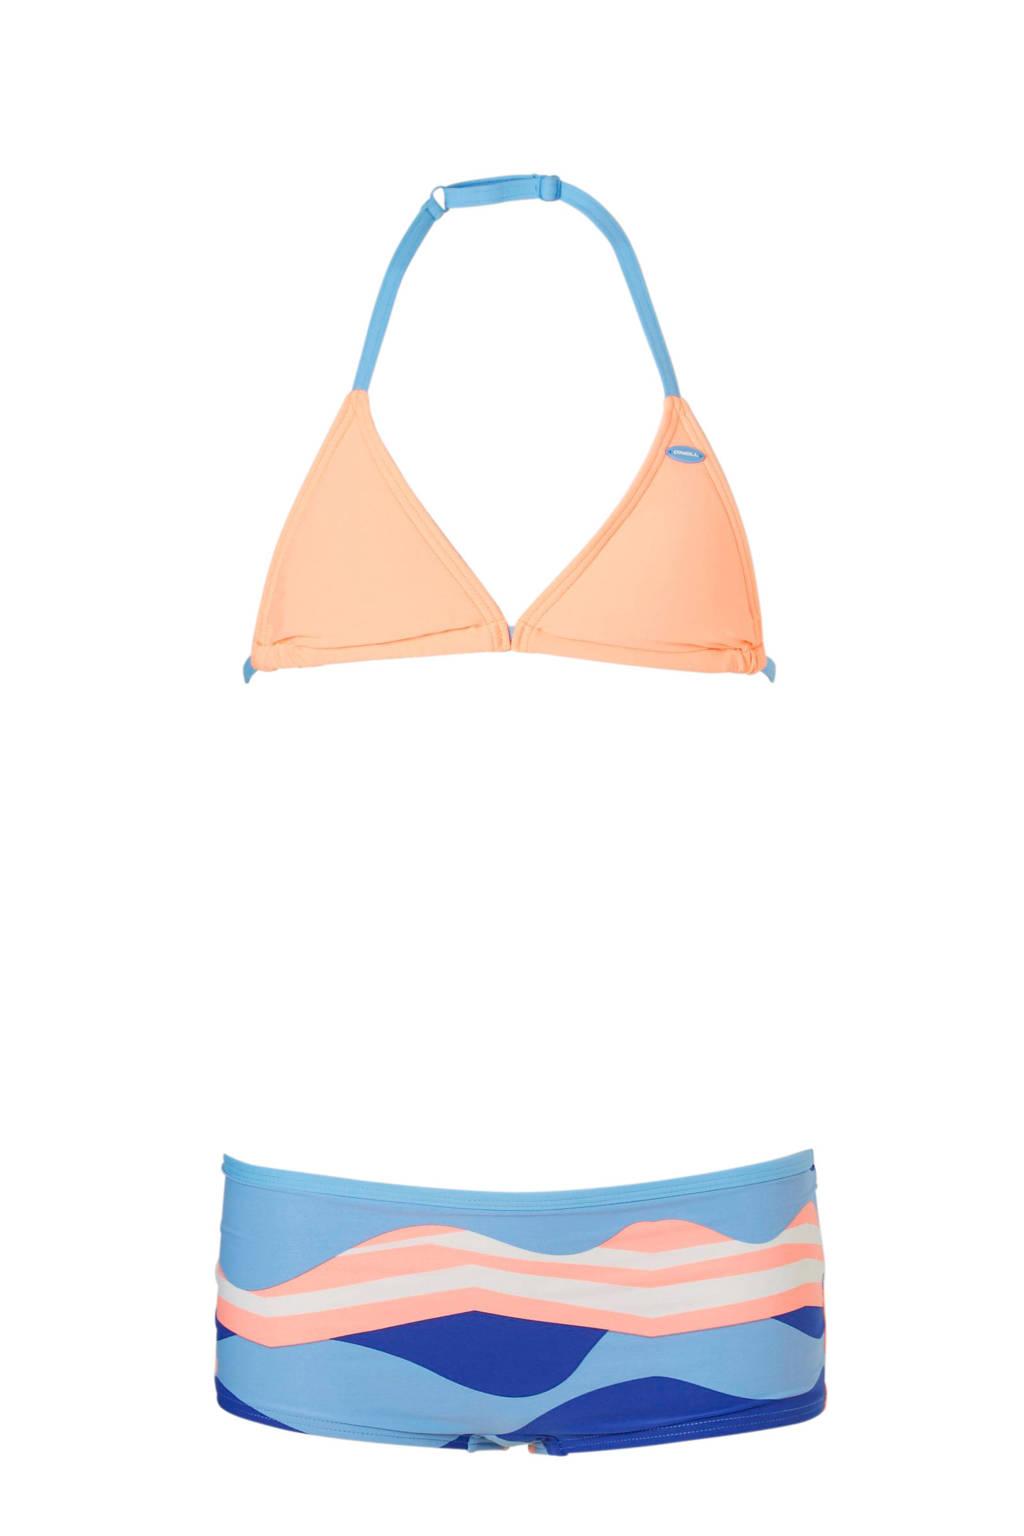 O'Neill triangel bikini met print zalmroze, zalmroze/blauw